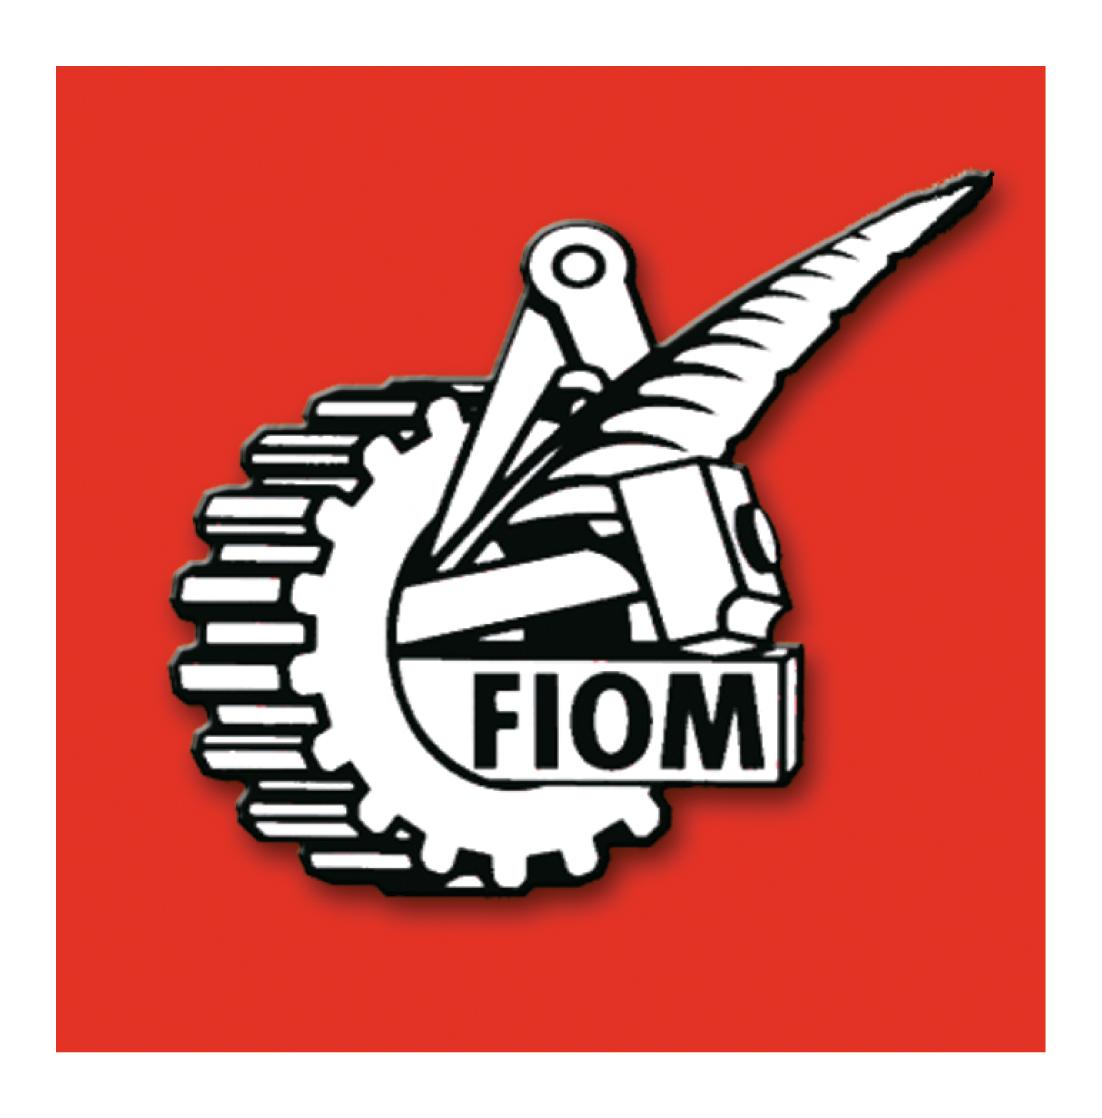 Dibattito in FIOM. Tre documenti contapposti